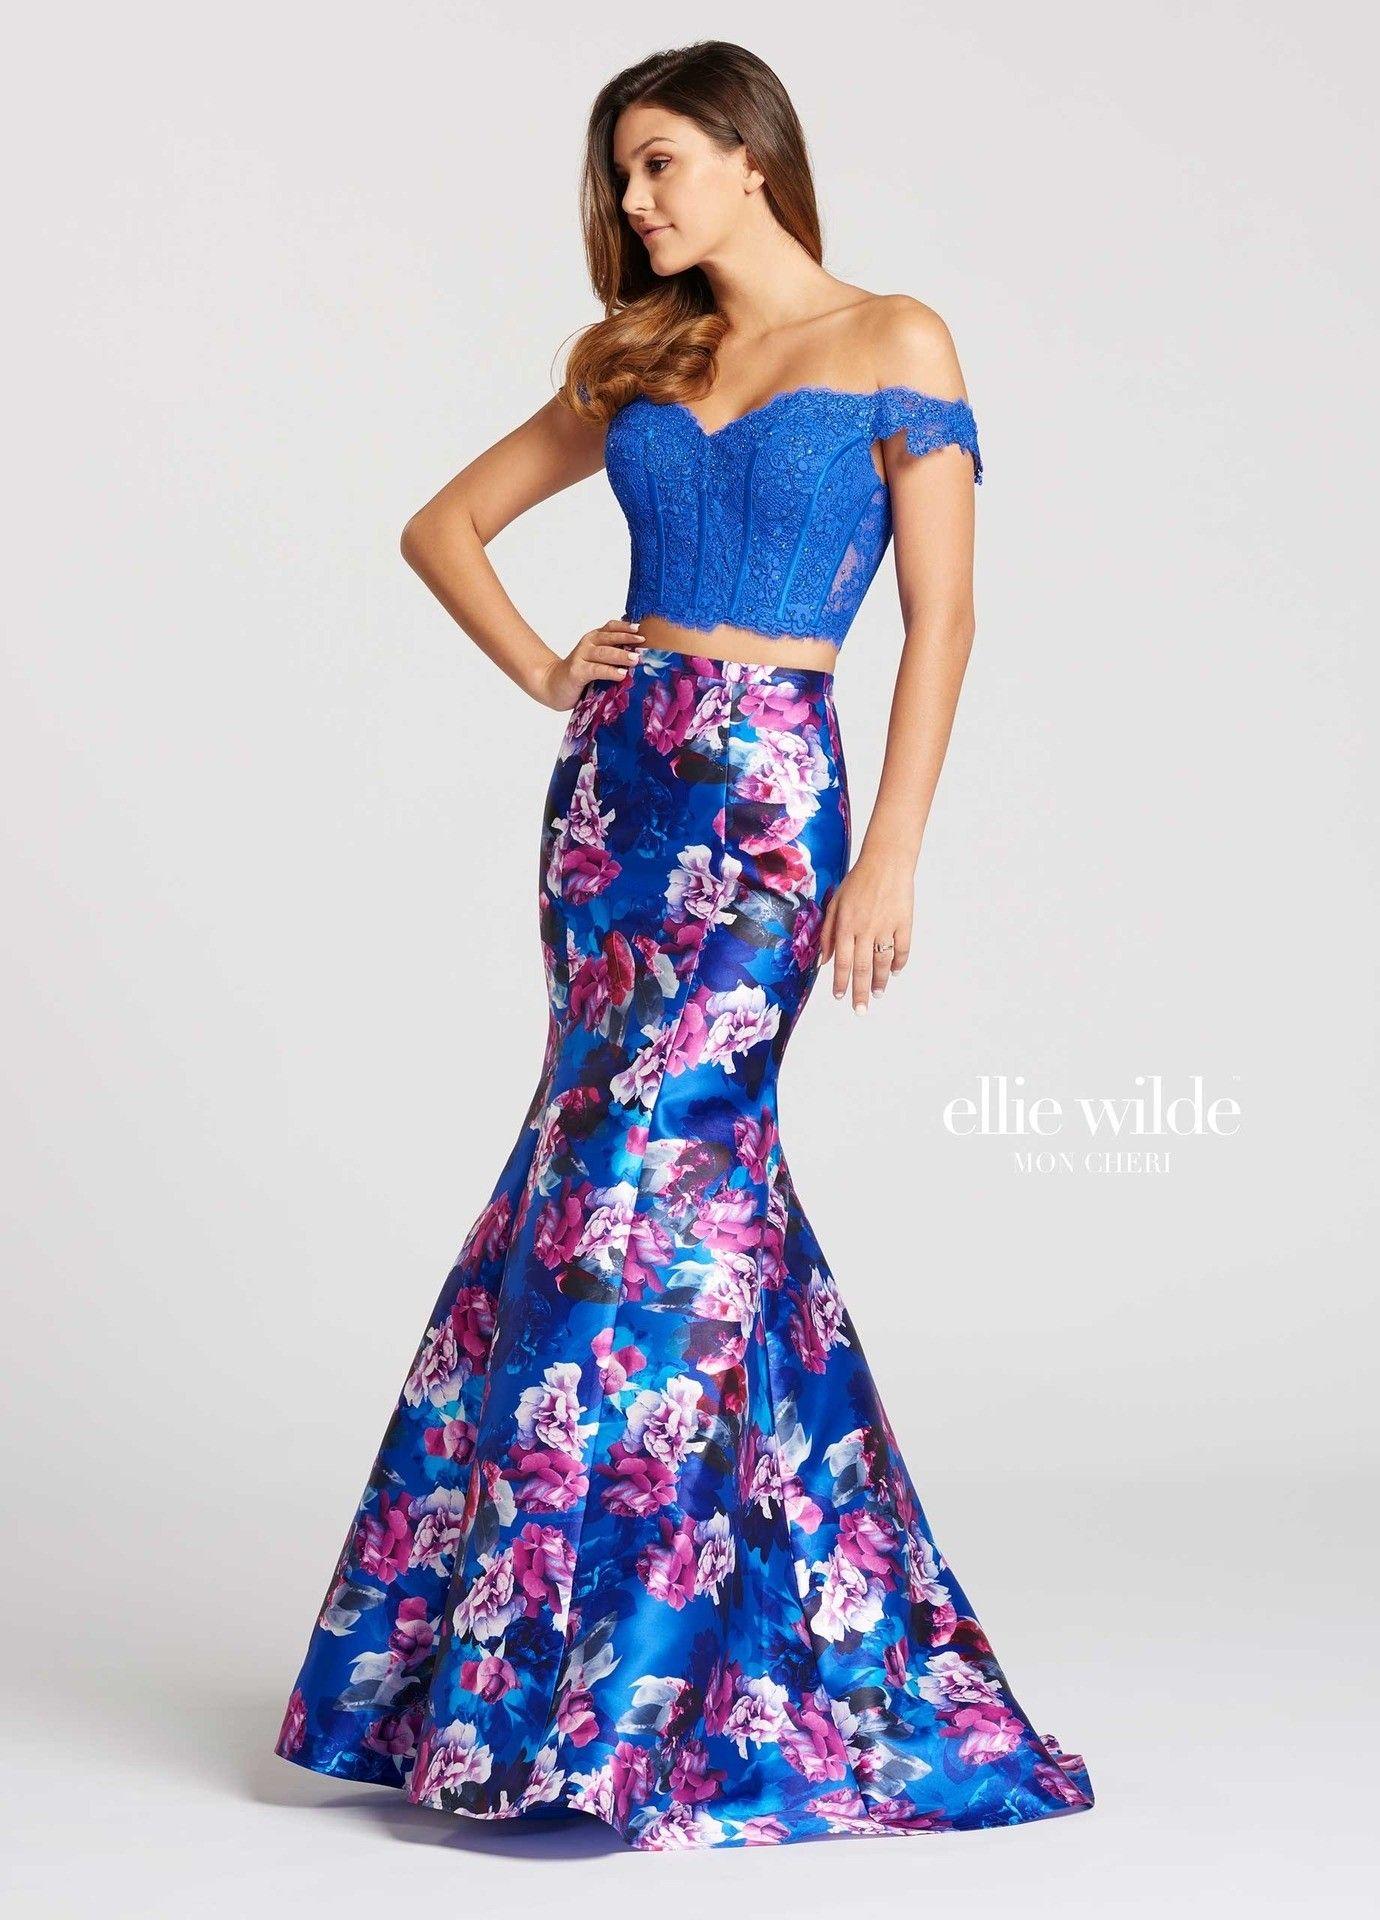 Ellie wilde ew floral twopiece mermaid gown mermaid skirt